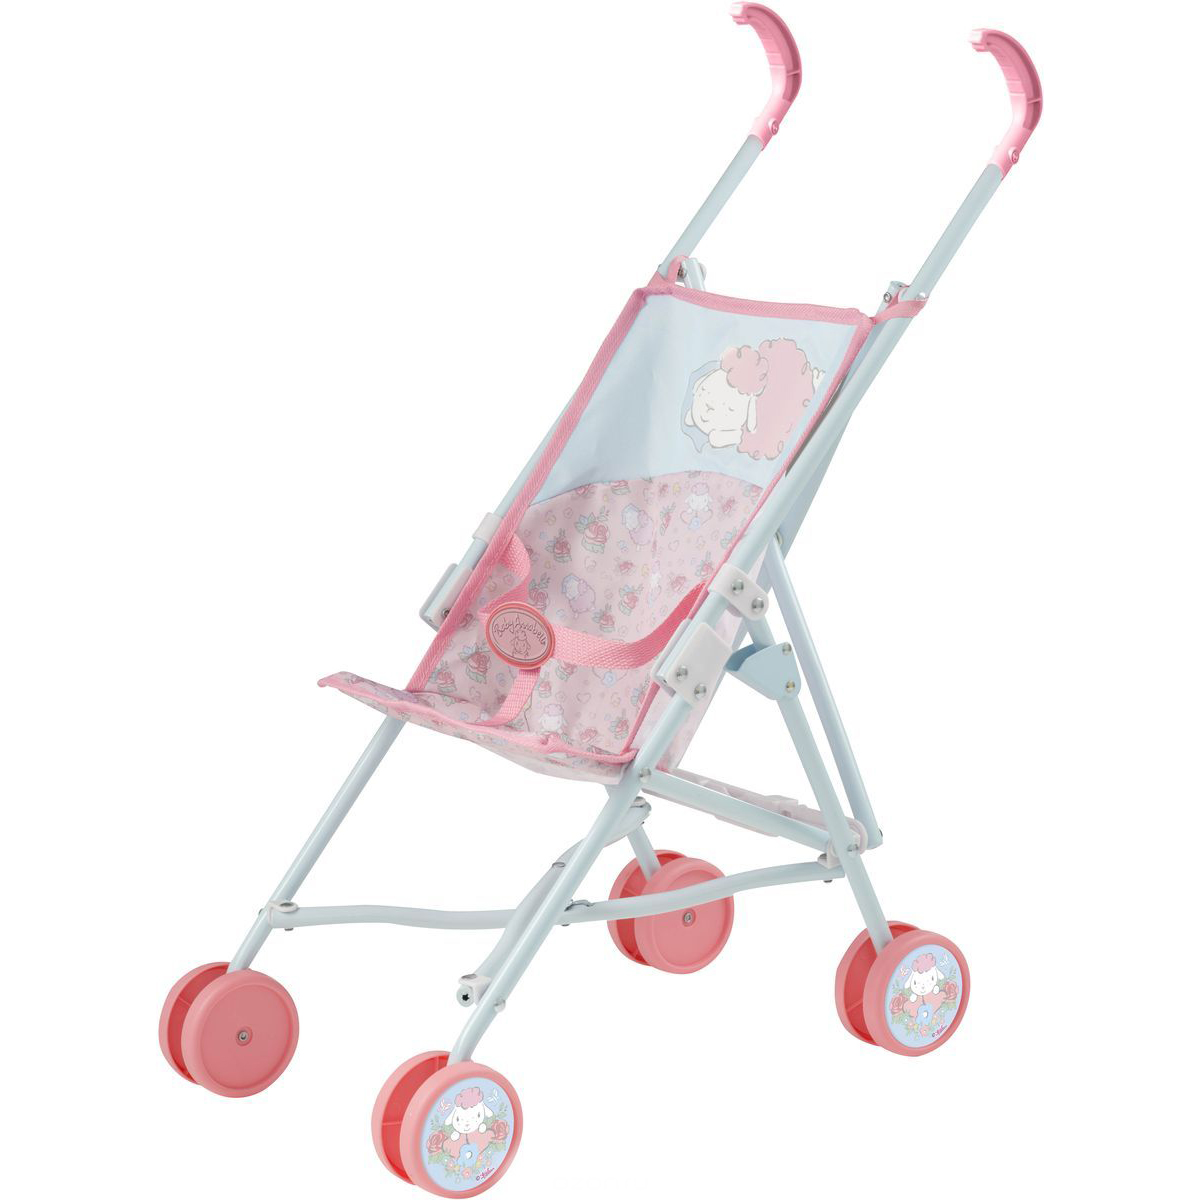 Коляска-трость для кукол Baby AnnabellКоляски для кукол<br>Коляска-трость для кукол Baby Annabell<br>